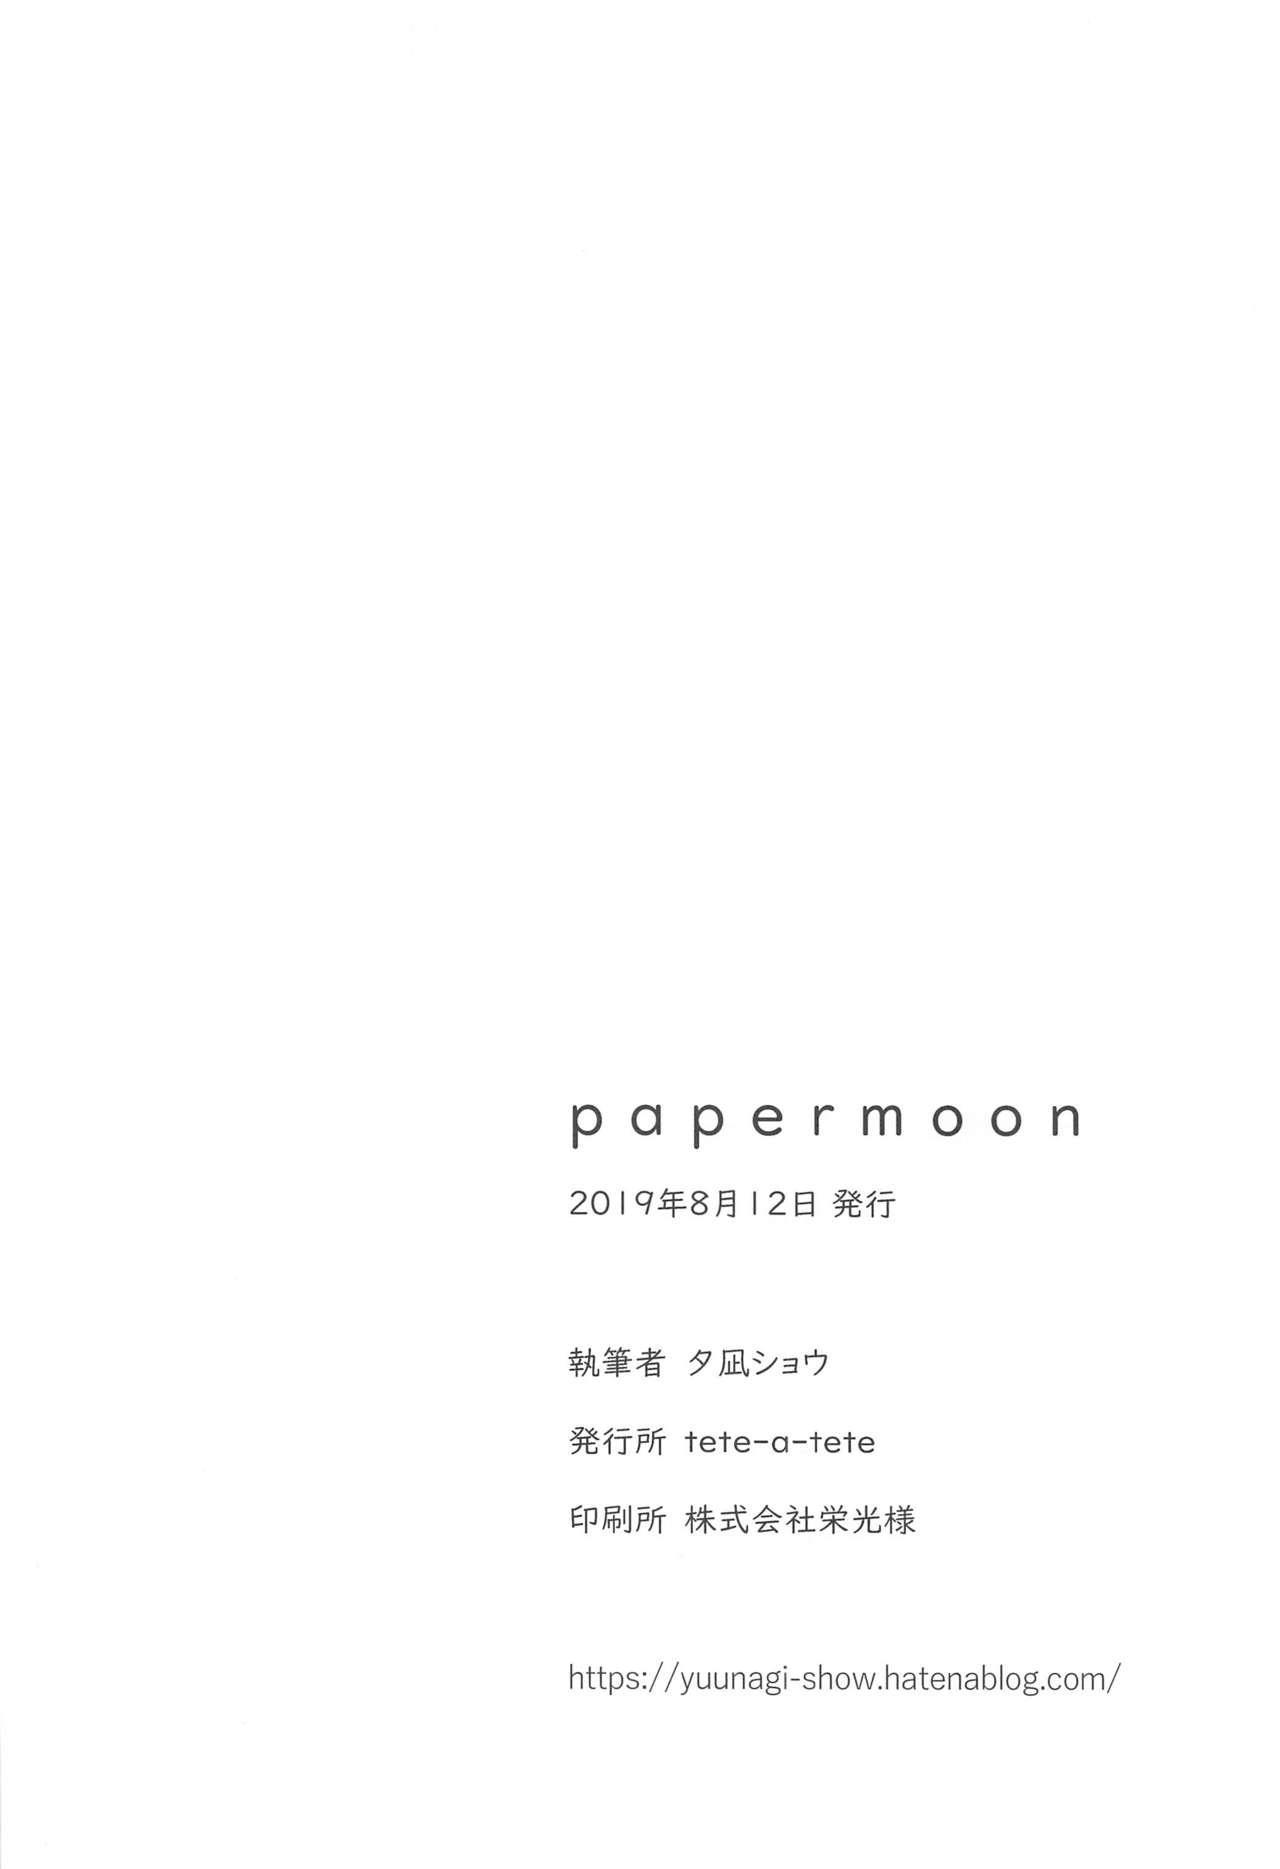 papermoon 18